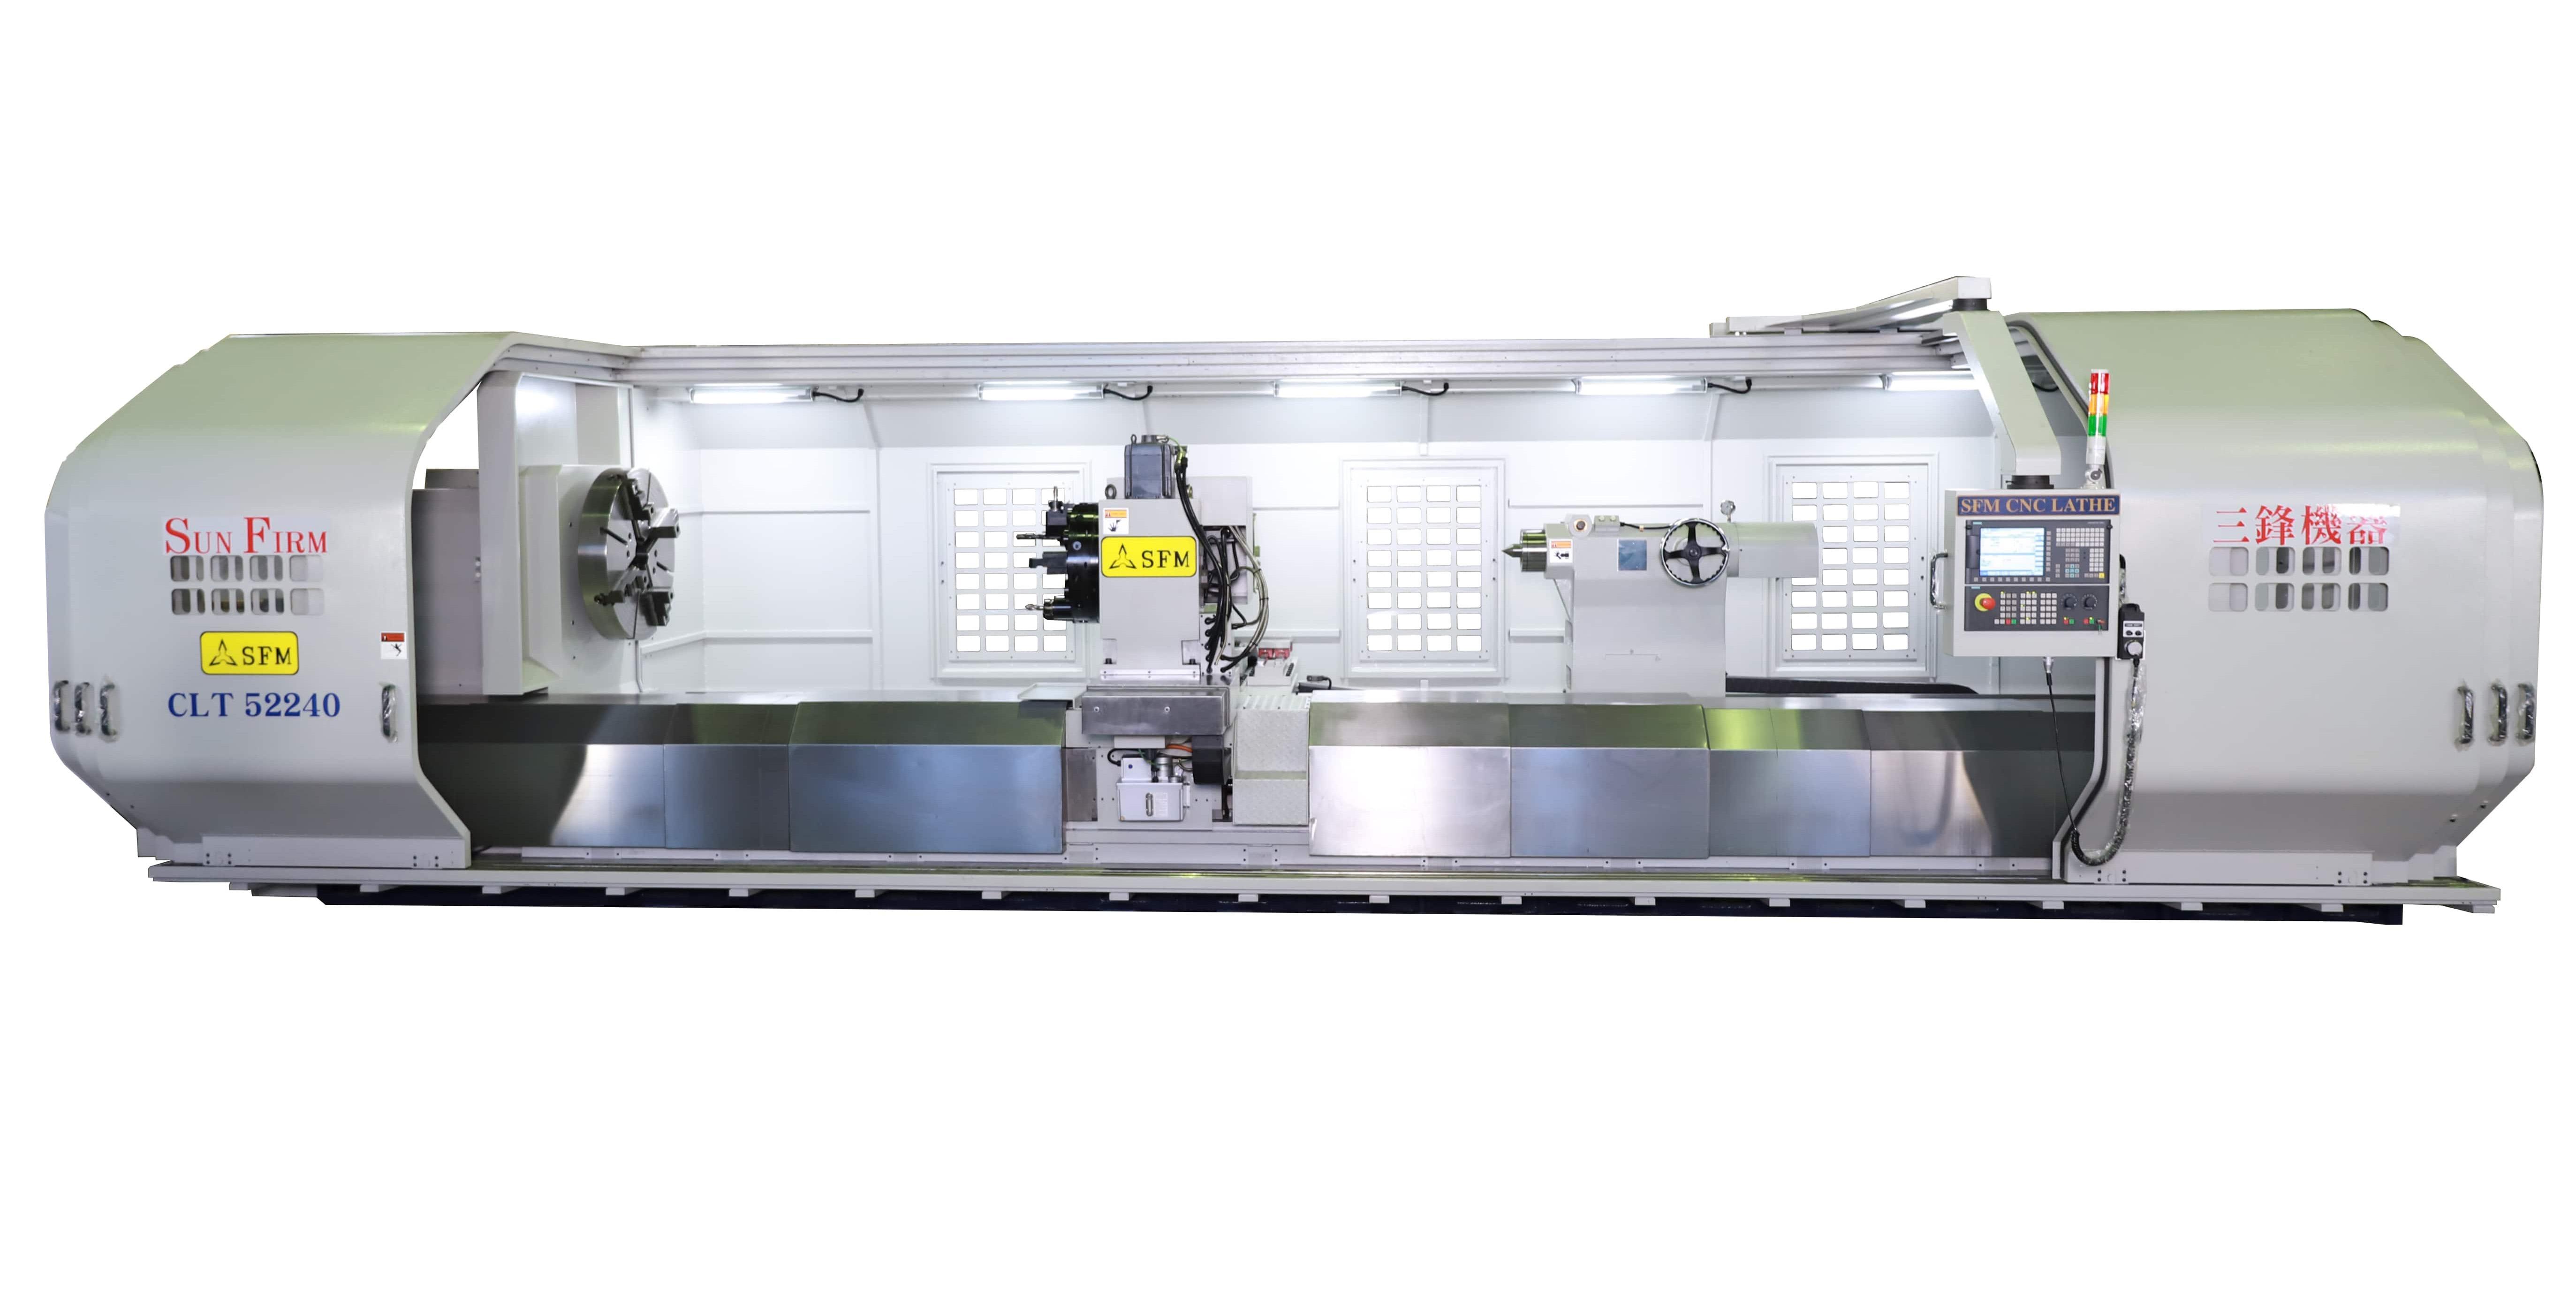 多軸同動多導軌超重切削智慧化數控車床 / 三鋒機器工業股份有限公司